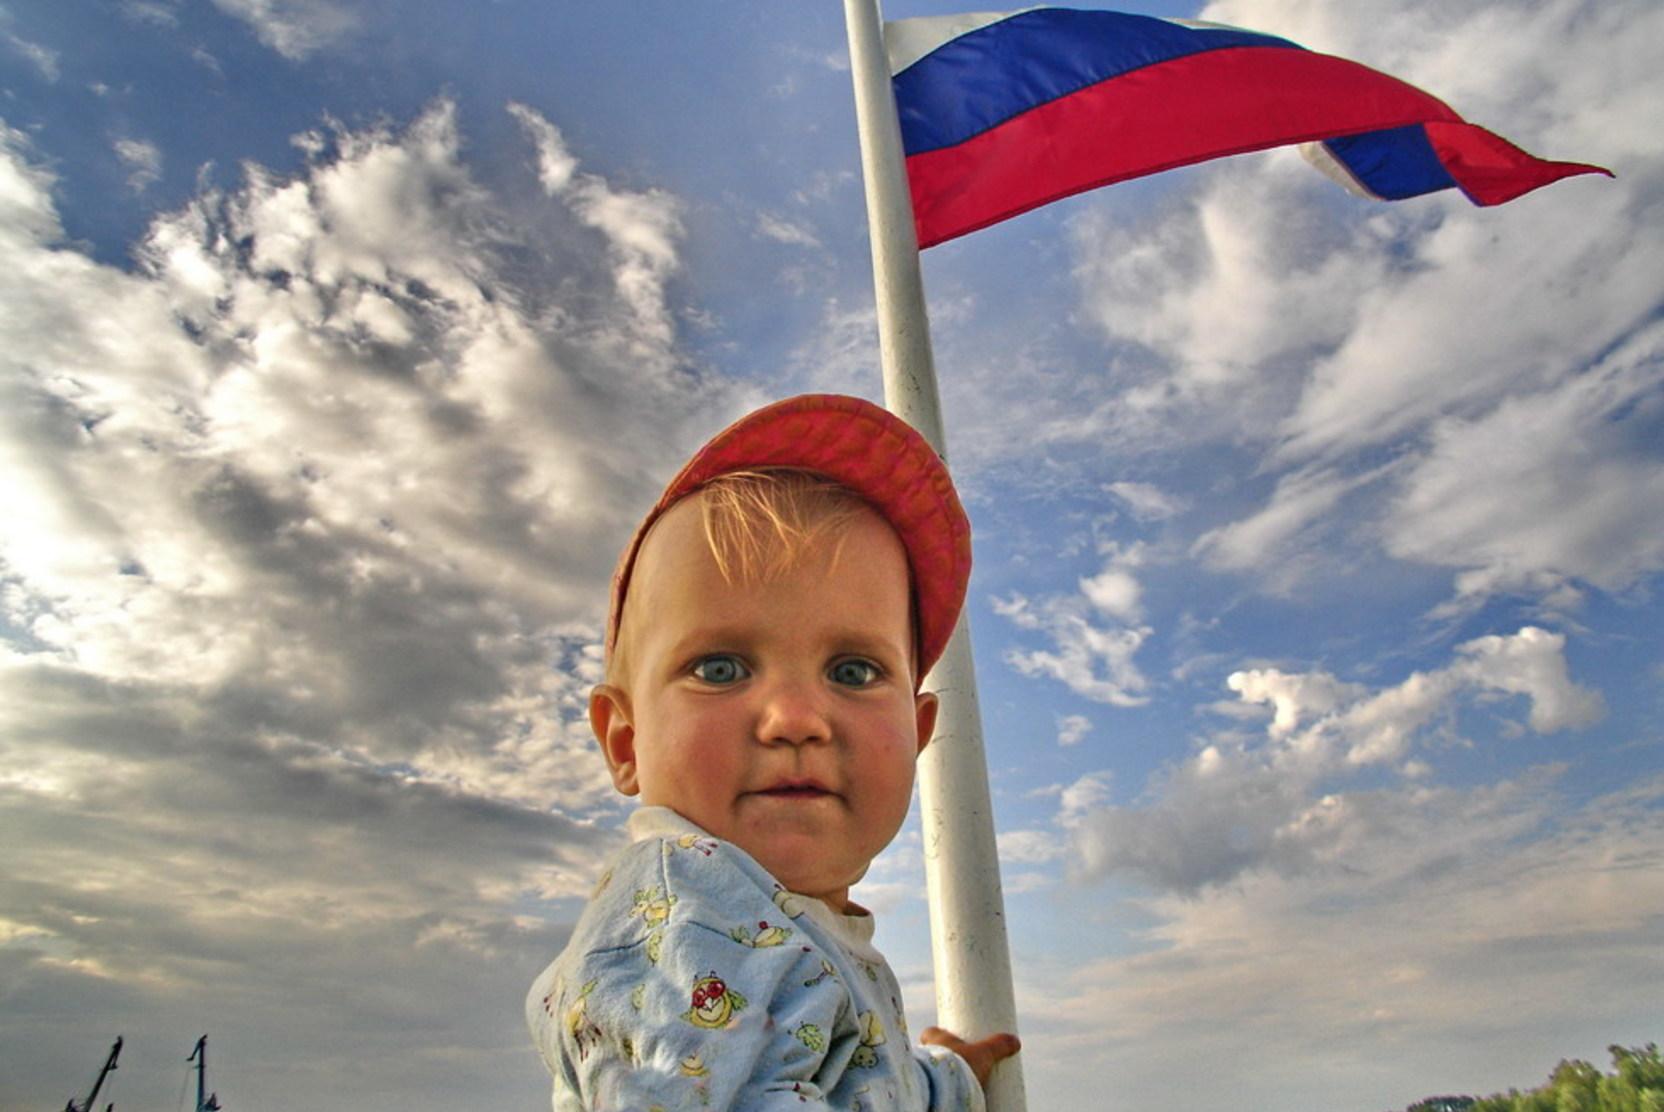 Картинки с надписью дети россии, победителей лиги чемпионов